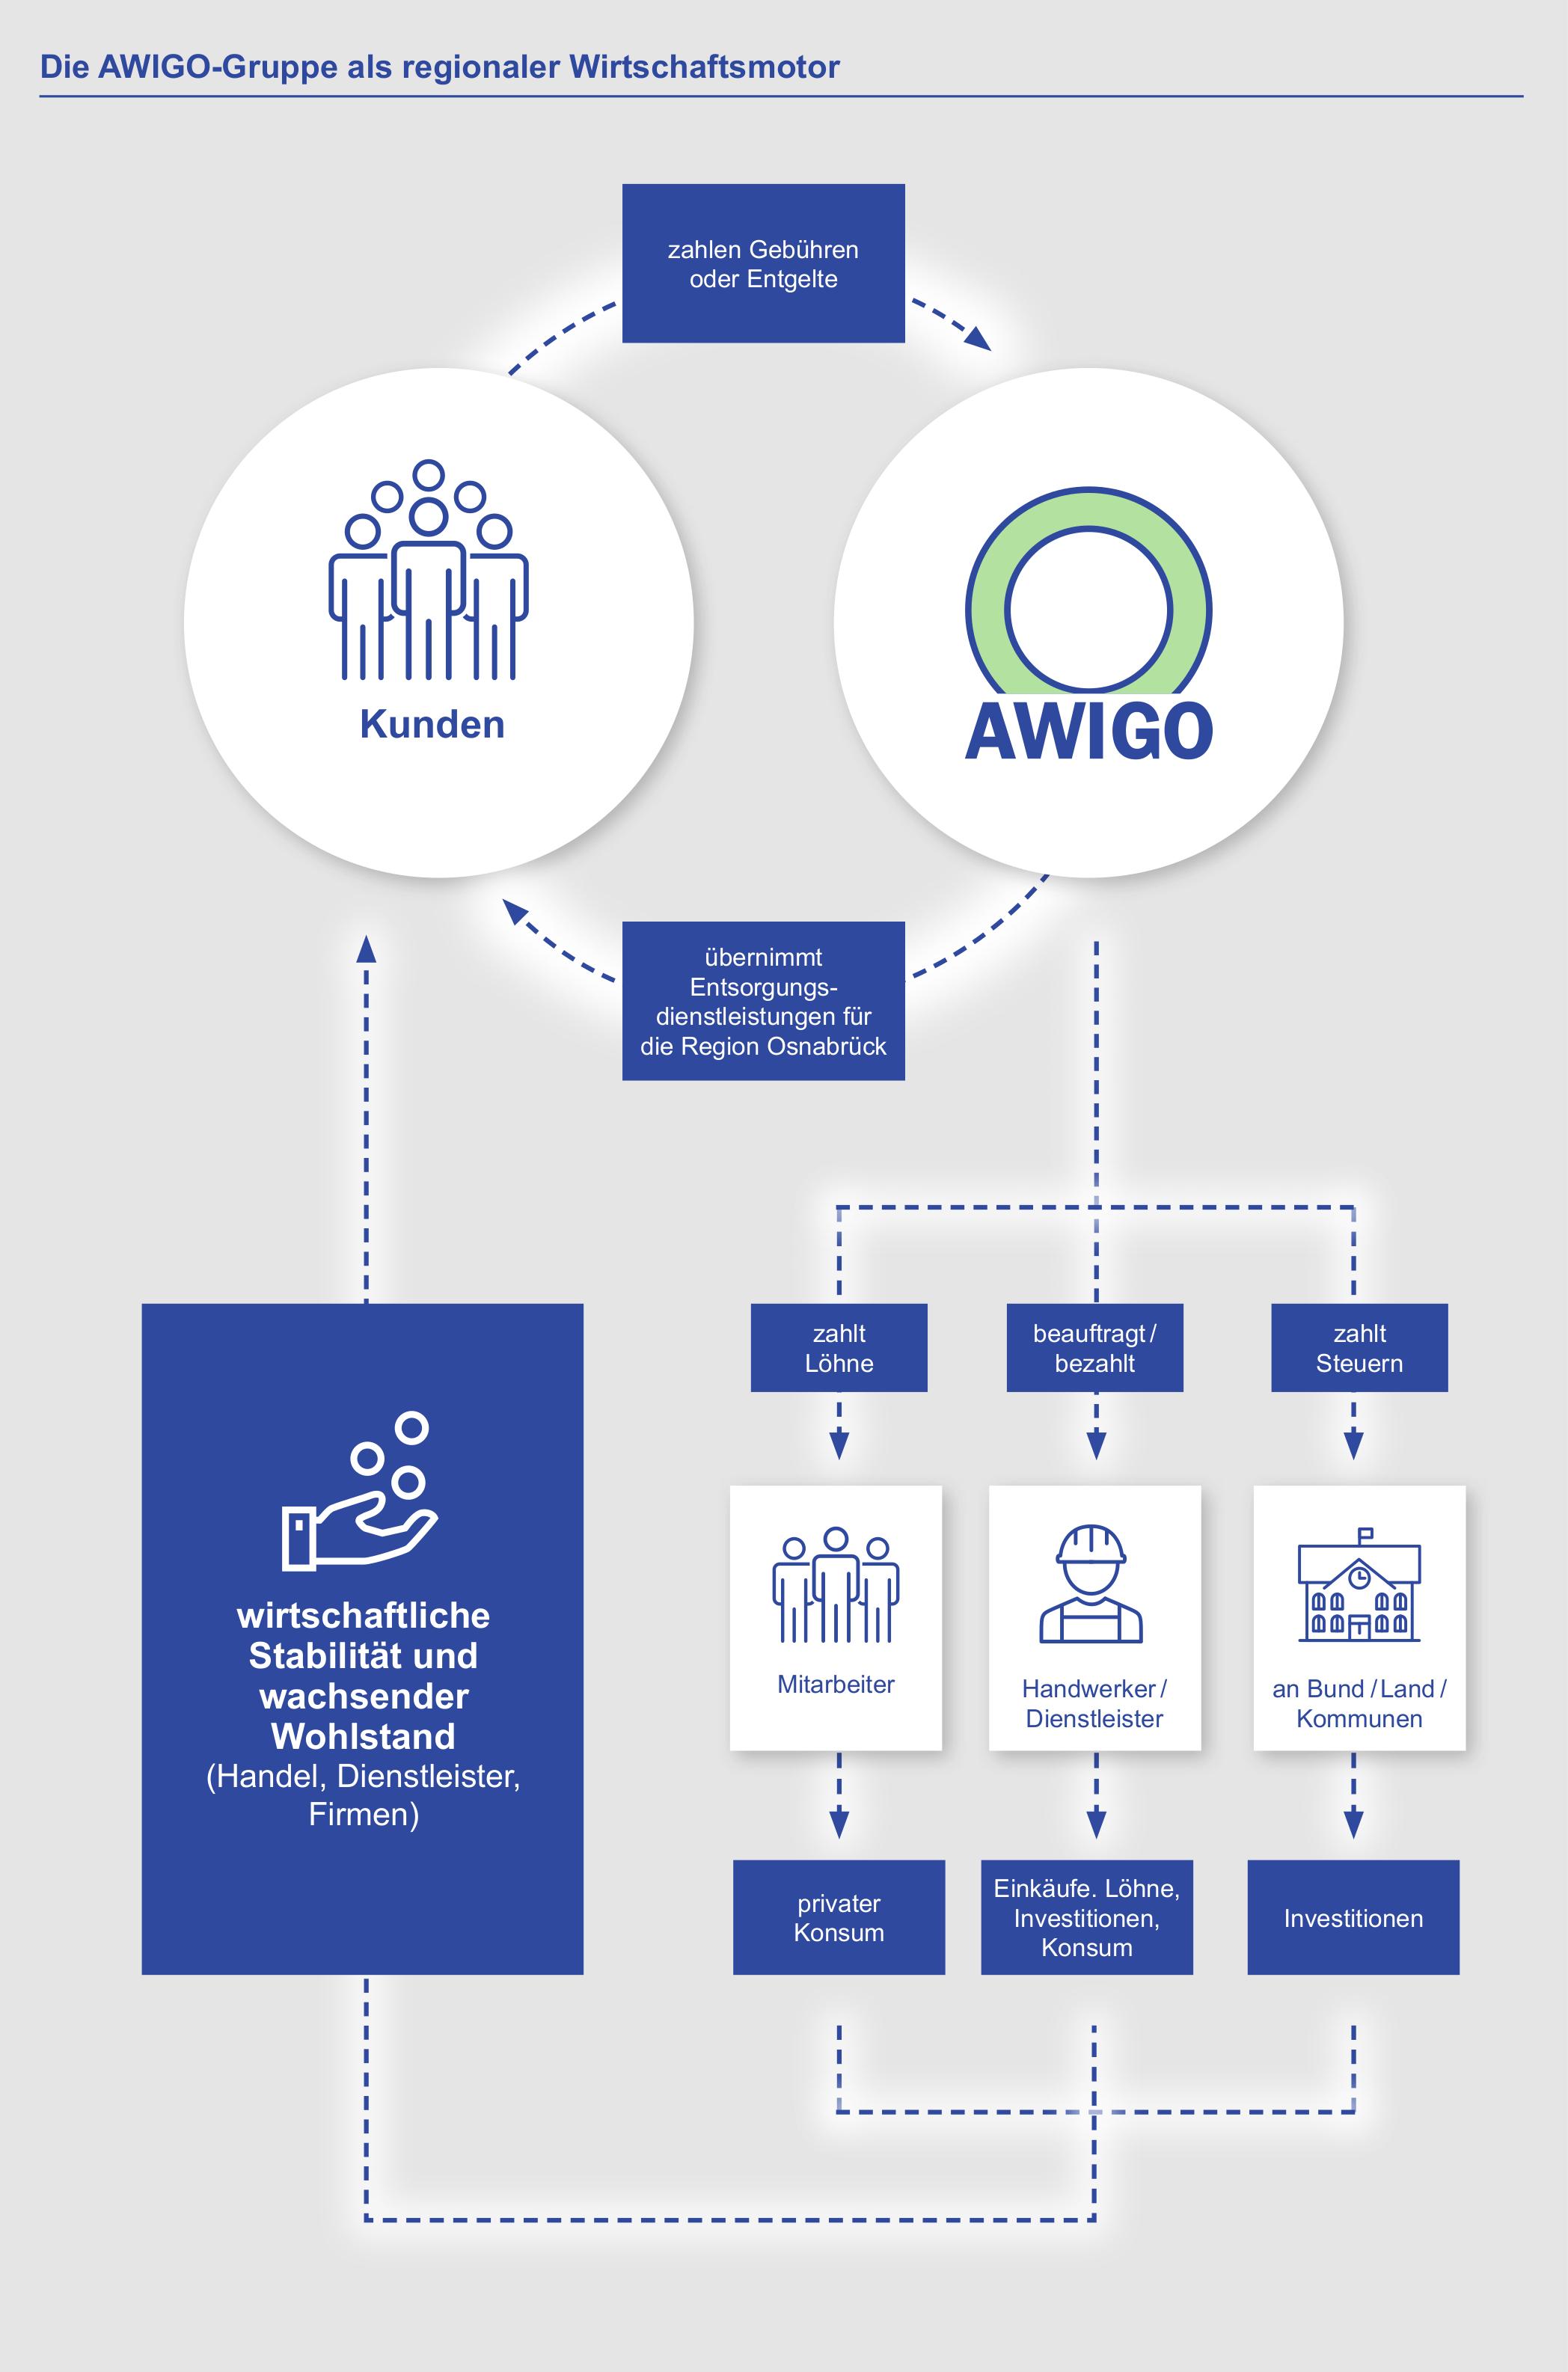 Die Grafik veranschaulicht, wie die Einnahmen der AWIGO durch die Region fließen.